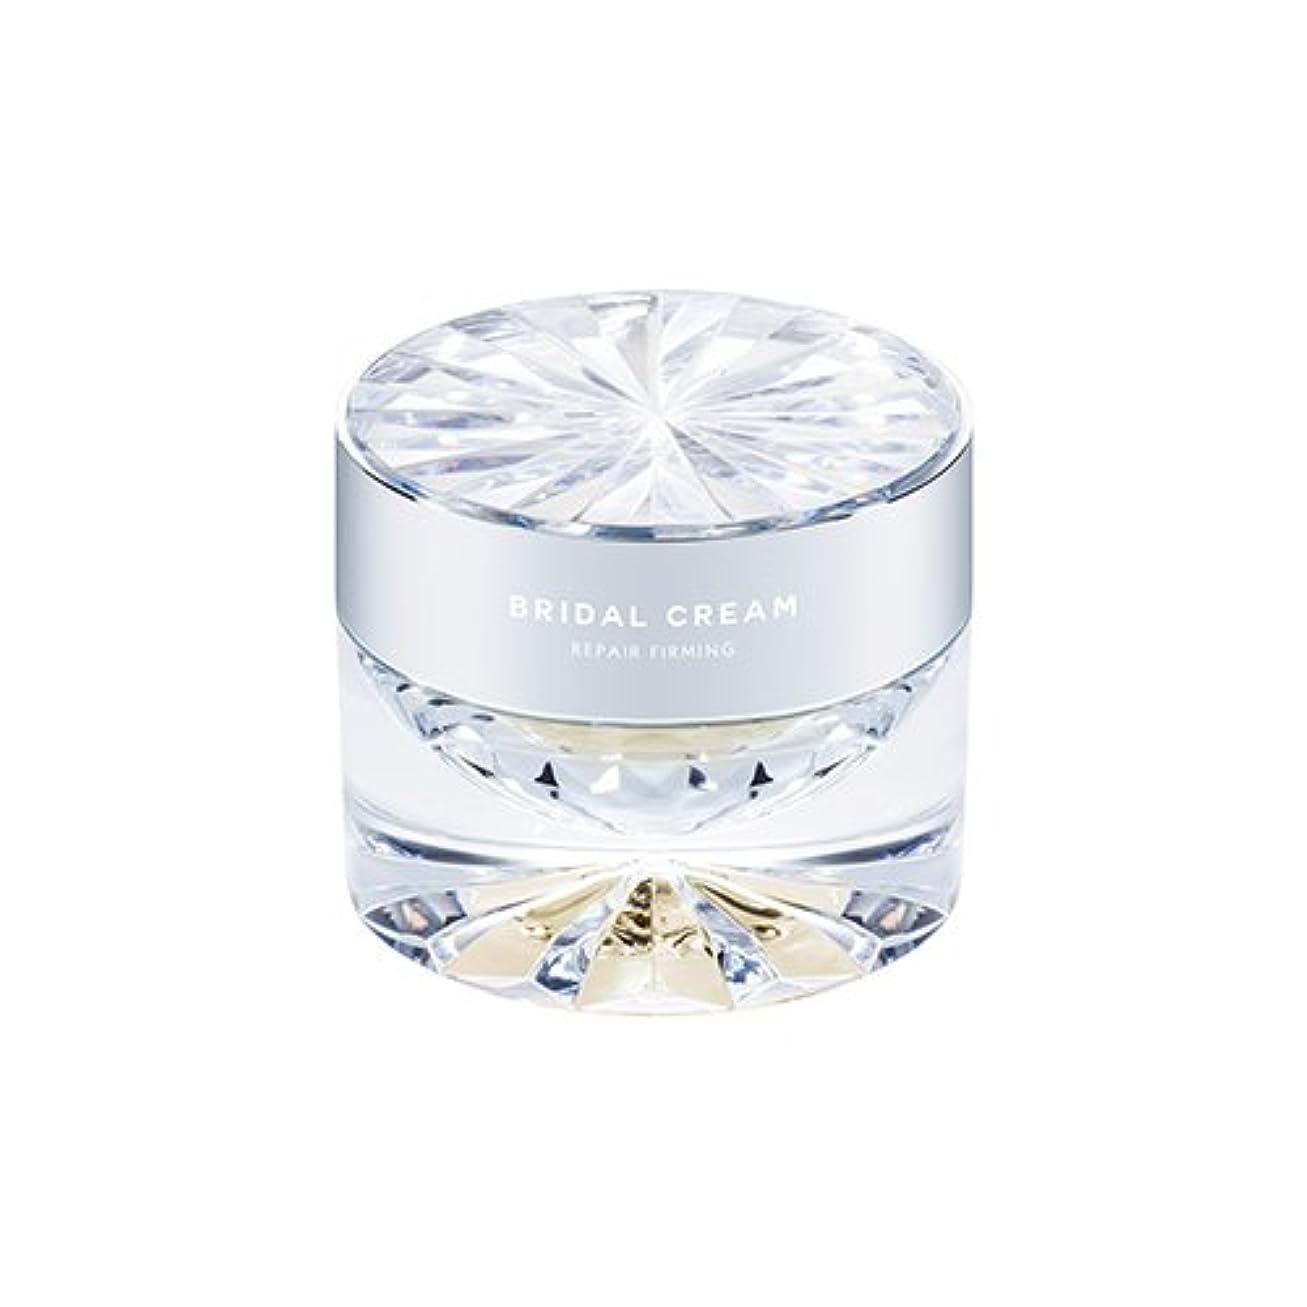 逃げるペンダント立ち向かうMISSHA Time Revolution Bridal Cream 50ml/ミシャ タイム レボリューション ブライダル クリーム 50ml (#Repair Firming) [並行輸入品]